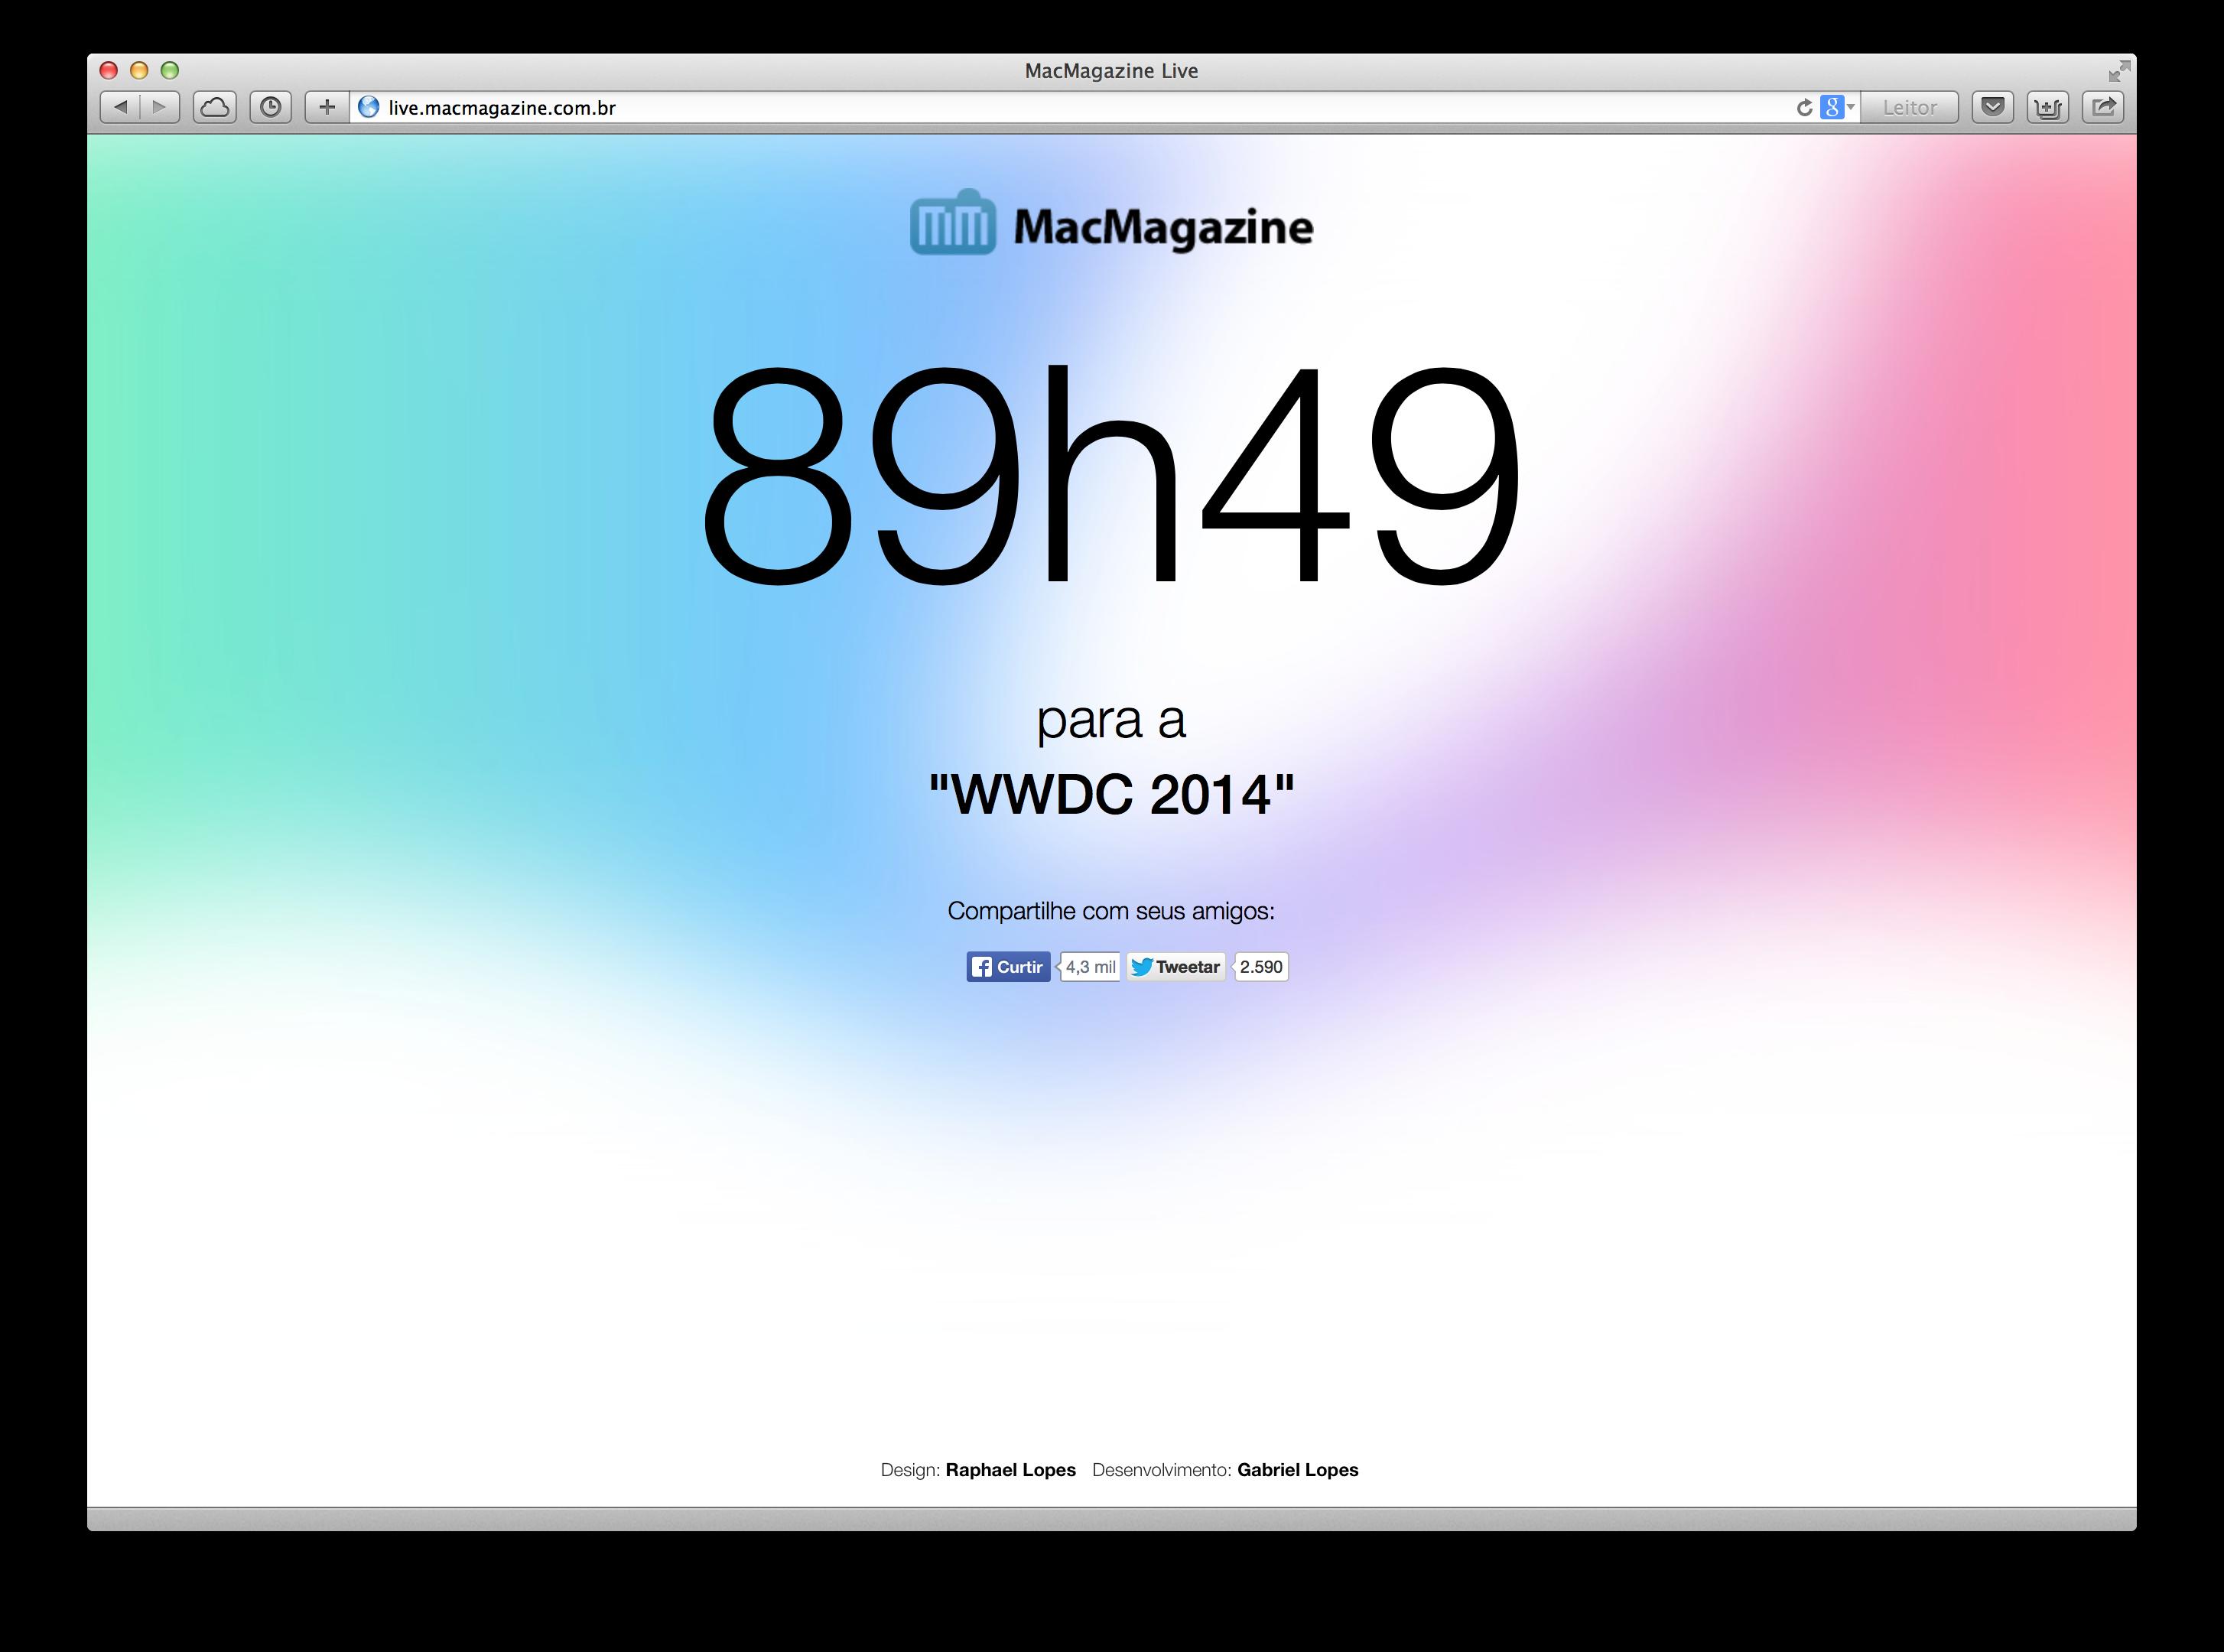 MacMagazine Live - WWDC 2014